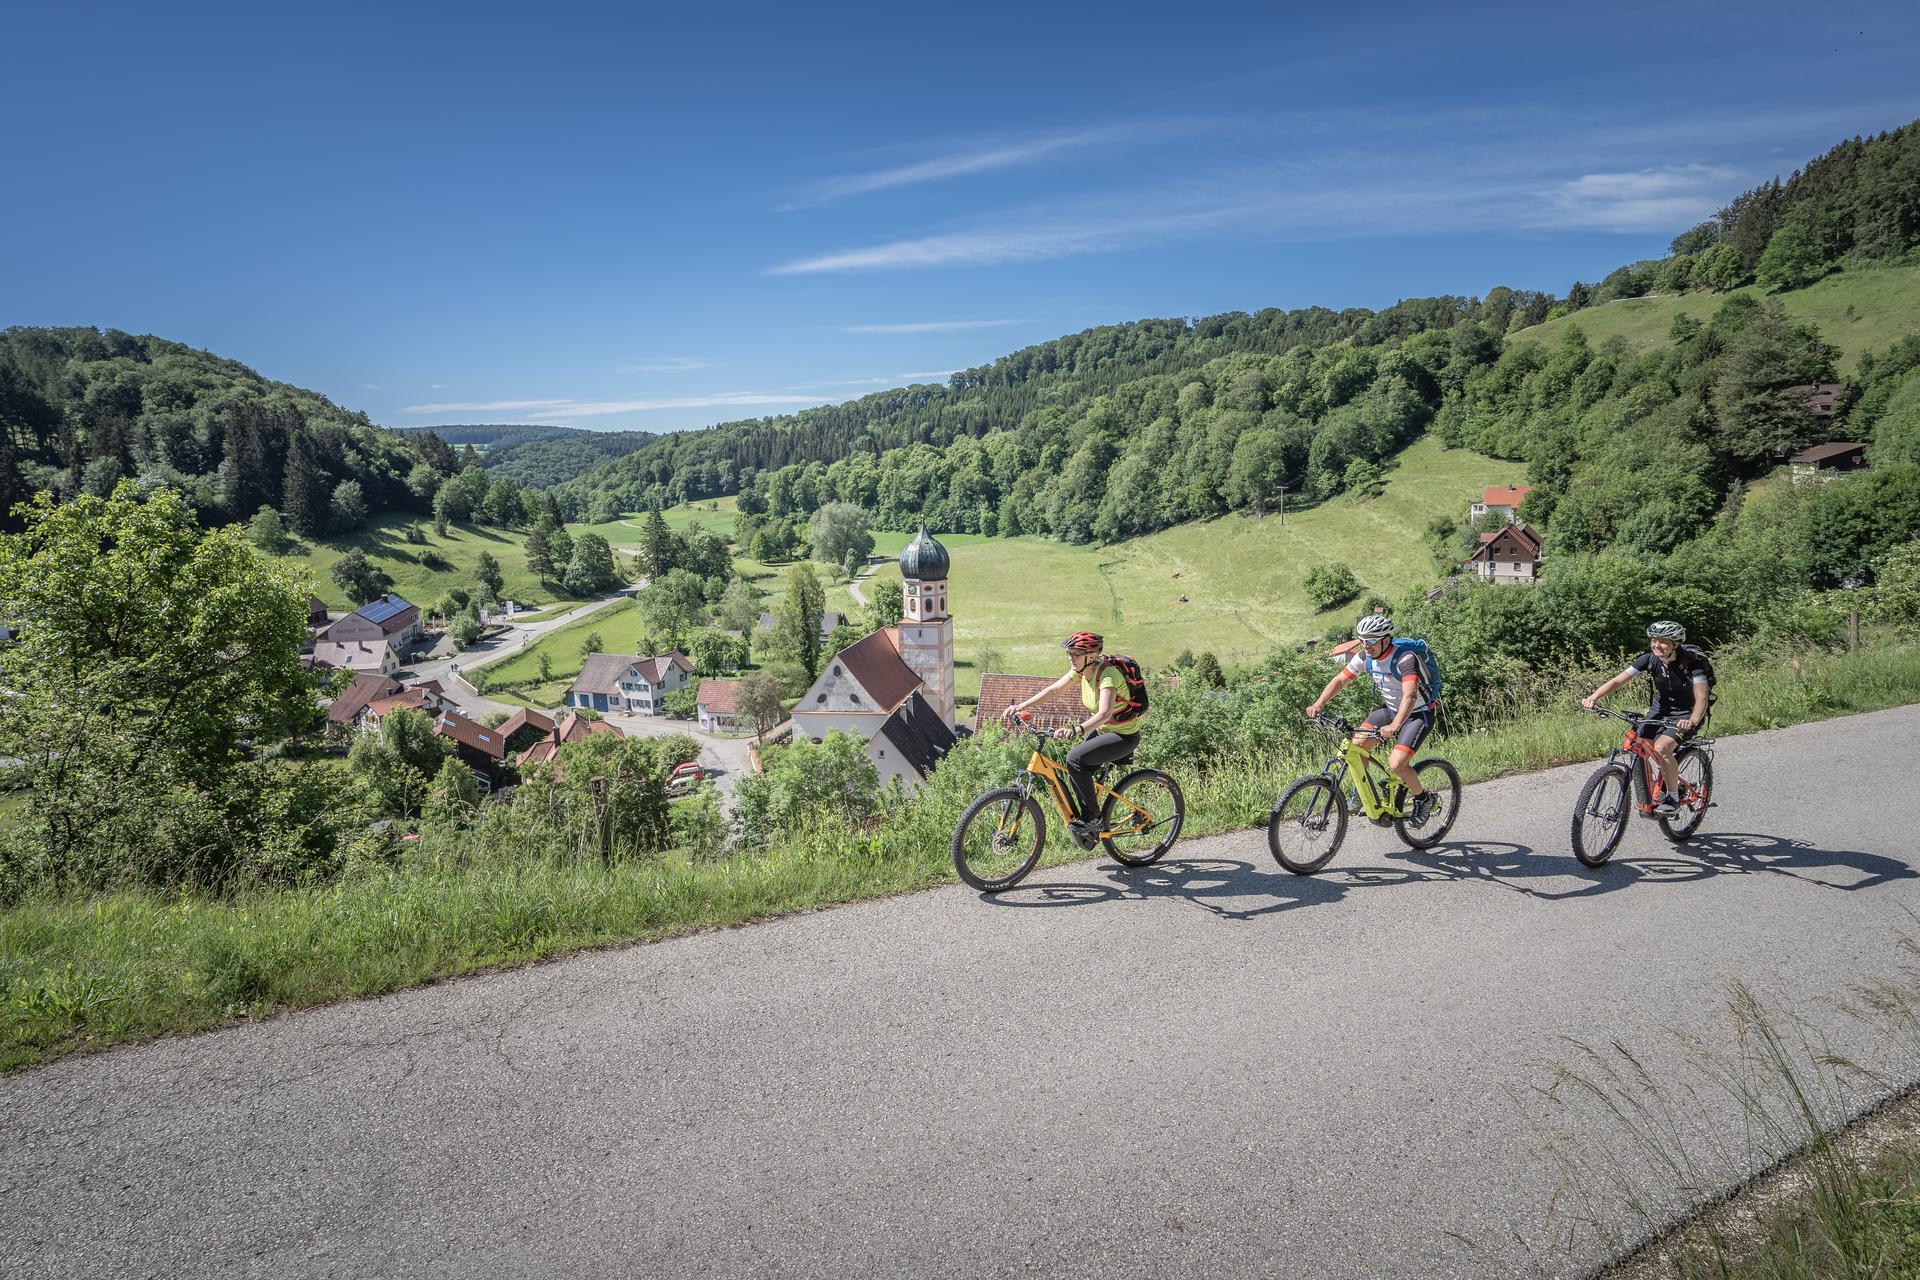 Drei Radfahrer*innen fahren mit E-Bikes einen Teerweg leicht bergauf. Im Hintergrund ist ein weites Tal, in dem ein Dorf liegt. Es ist sonnig.